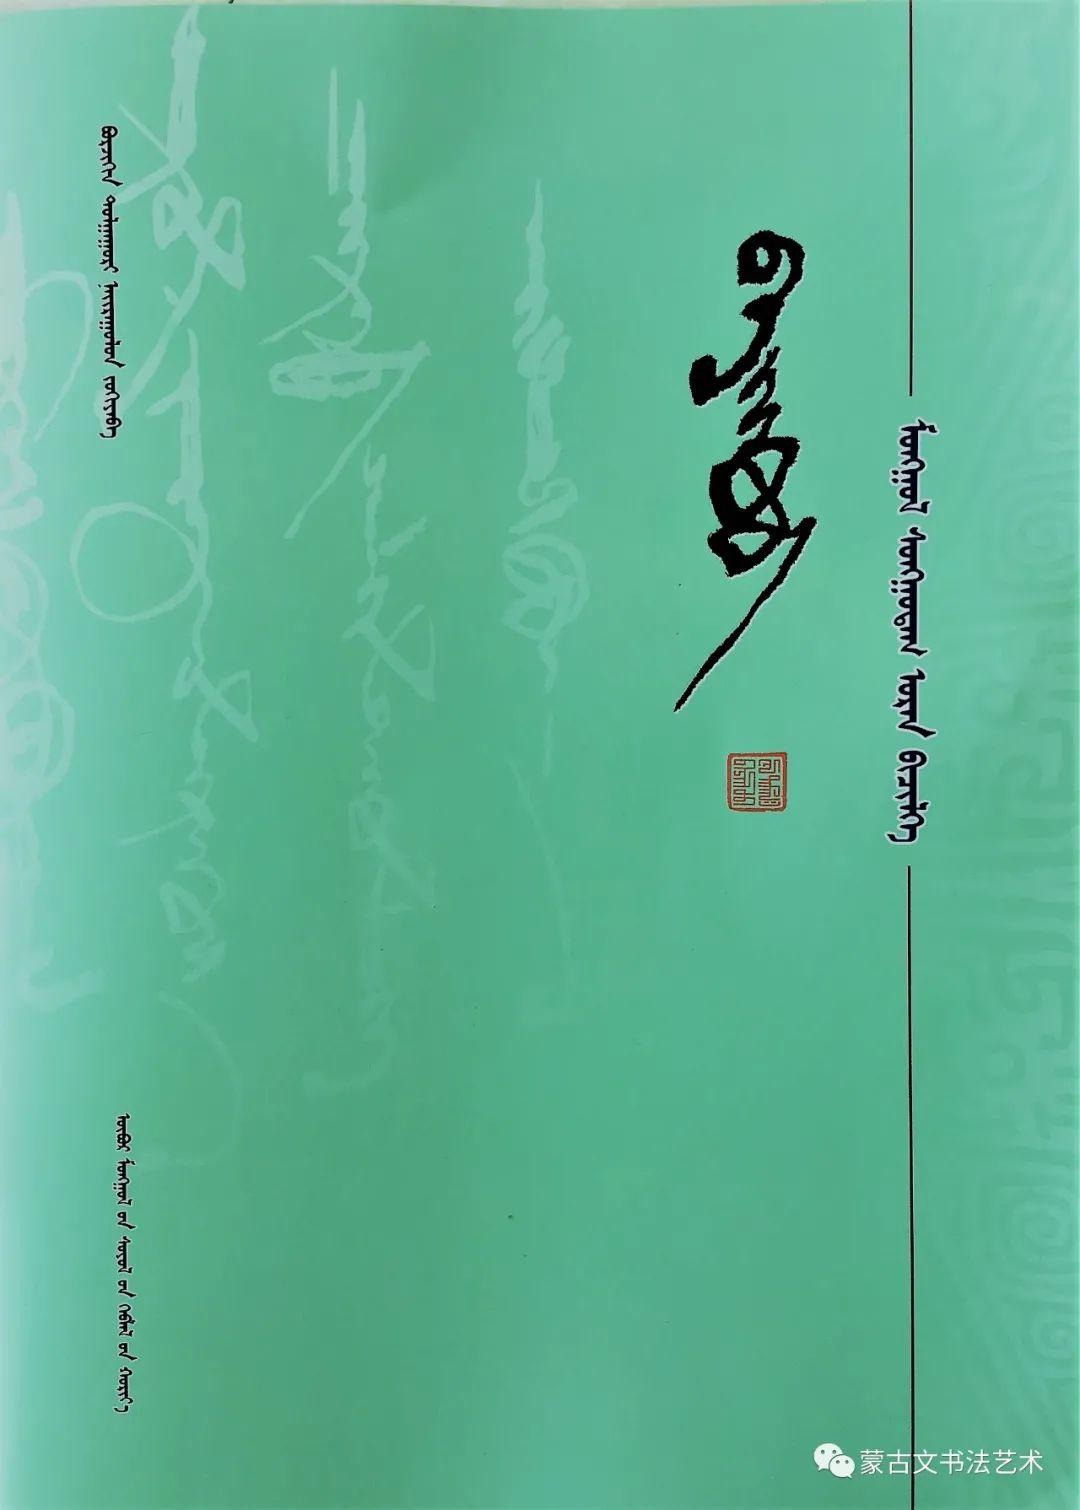 包宝柱《蒙古文经典书法》 第22张 包宝柱《蒙古文经典书法》 蒙古书法